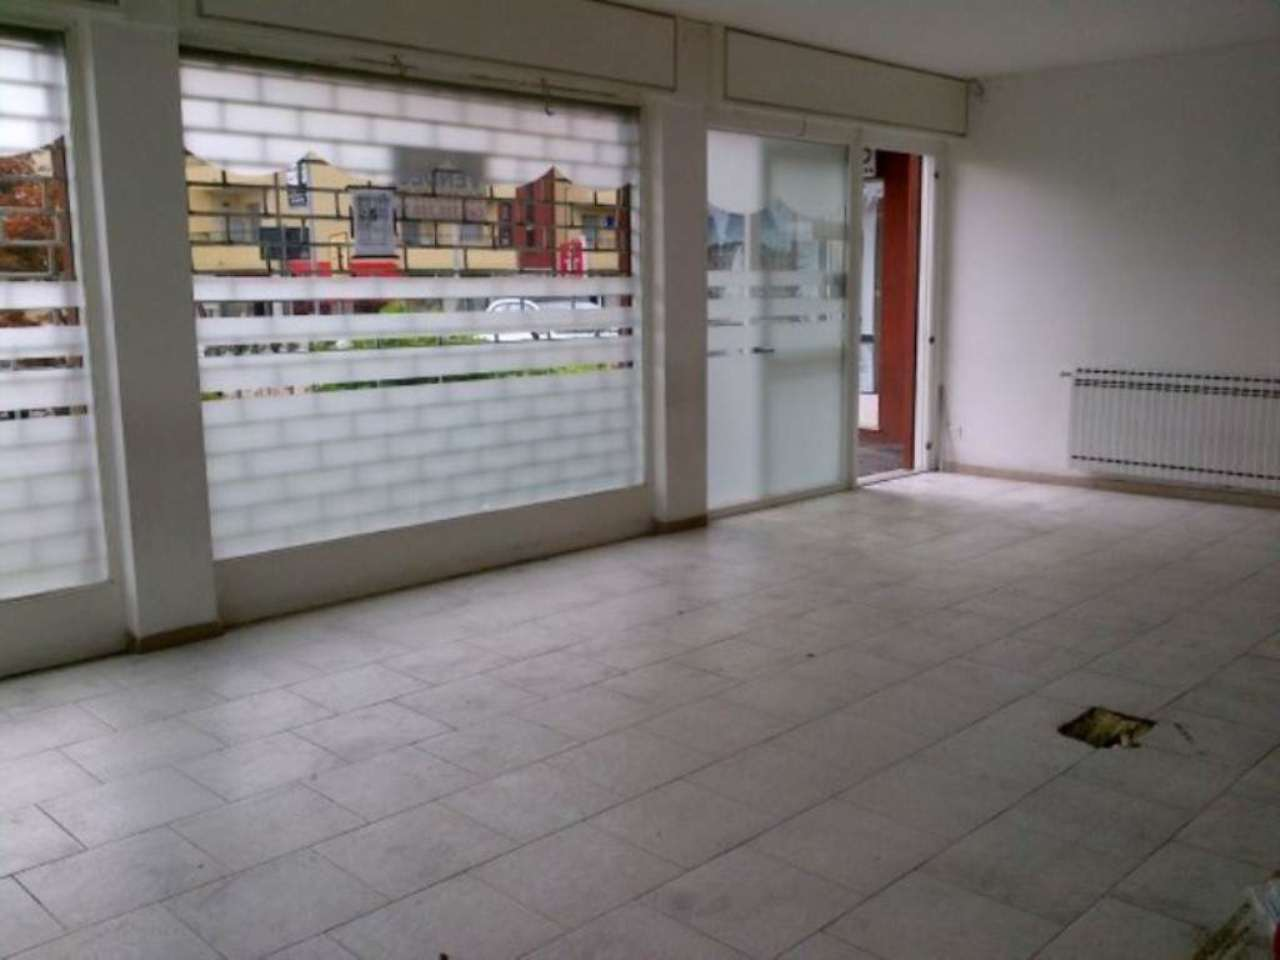 Negozio / Locale in vendita a Villa Guardia, 3 locali, prezzo € 175.000 | Cambio Casa.it